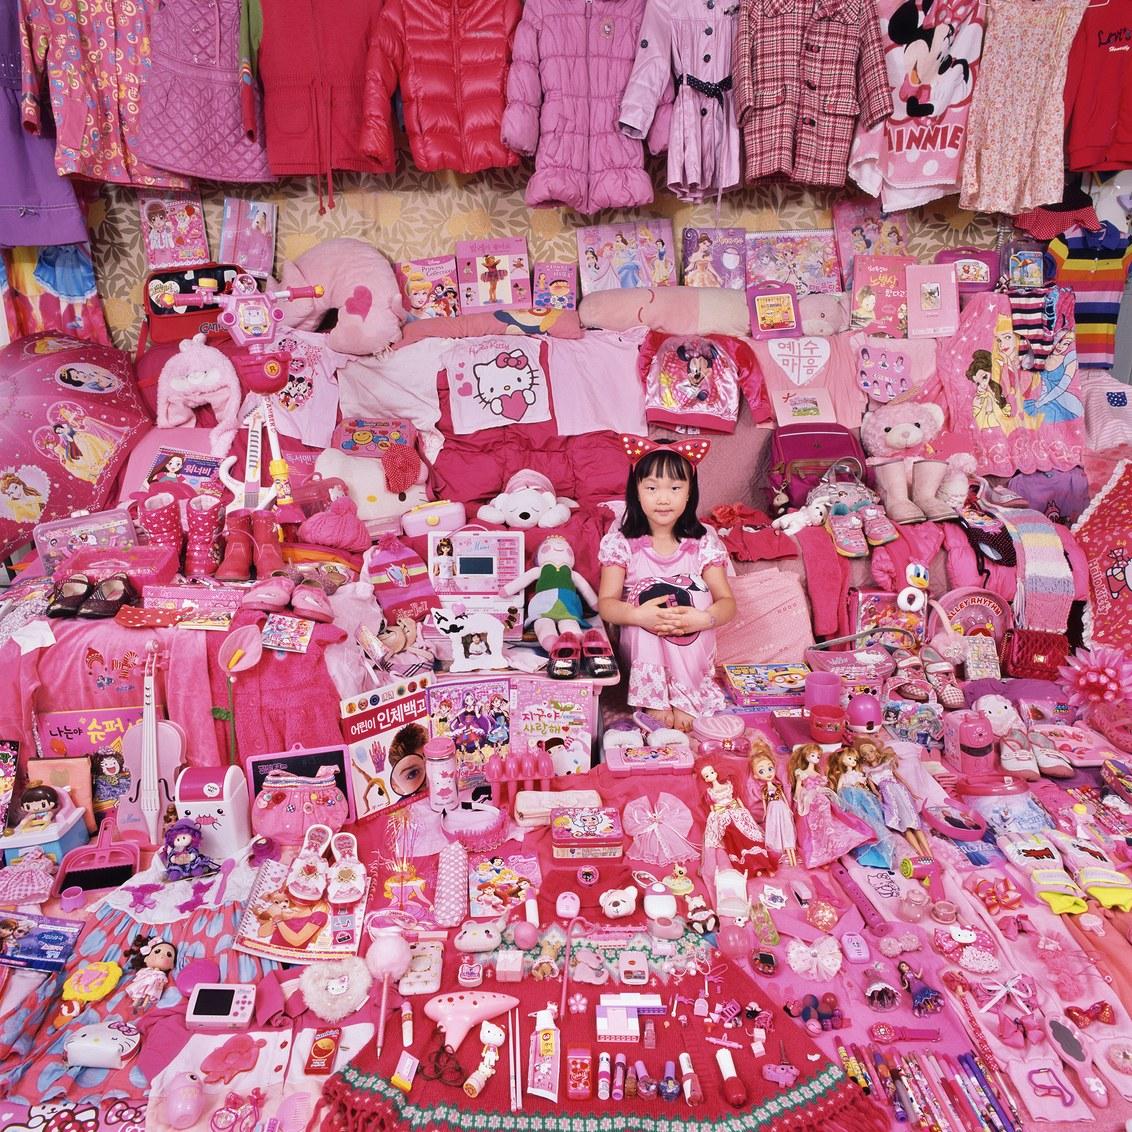 Цветовой код: фотограф из Южной Кореи обличает гендерные стереотипы в детских вещах.Вокруг Света. Украина